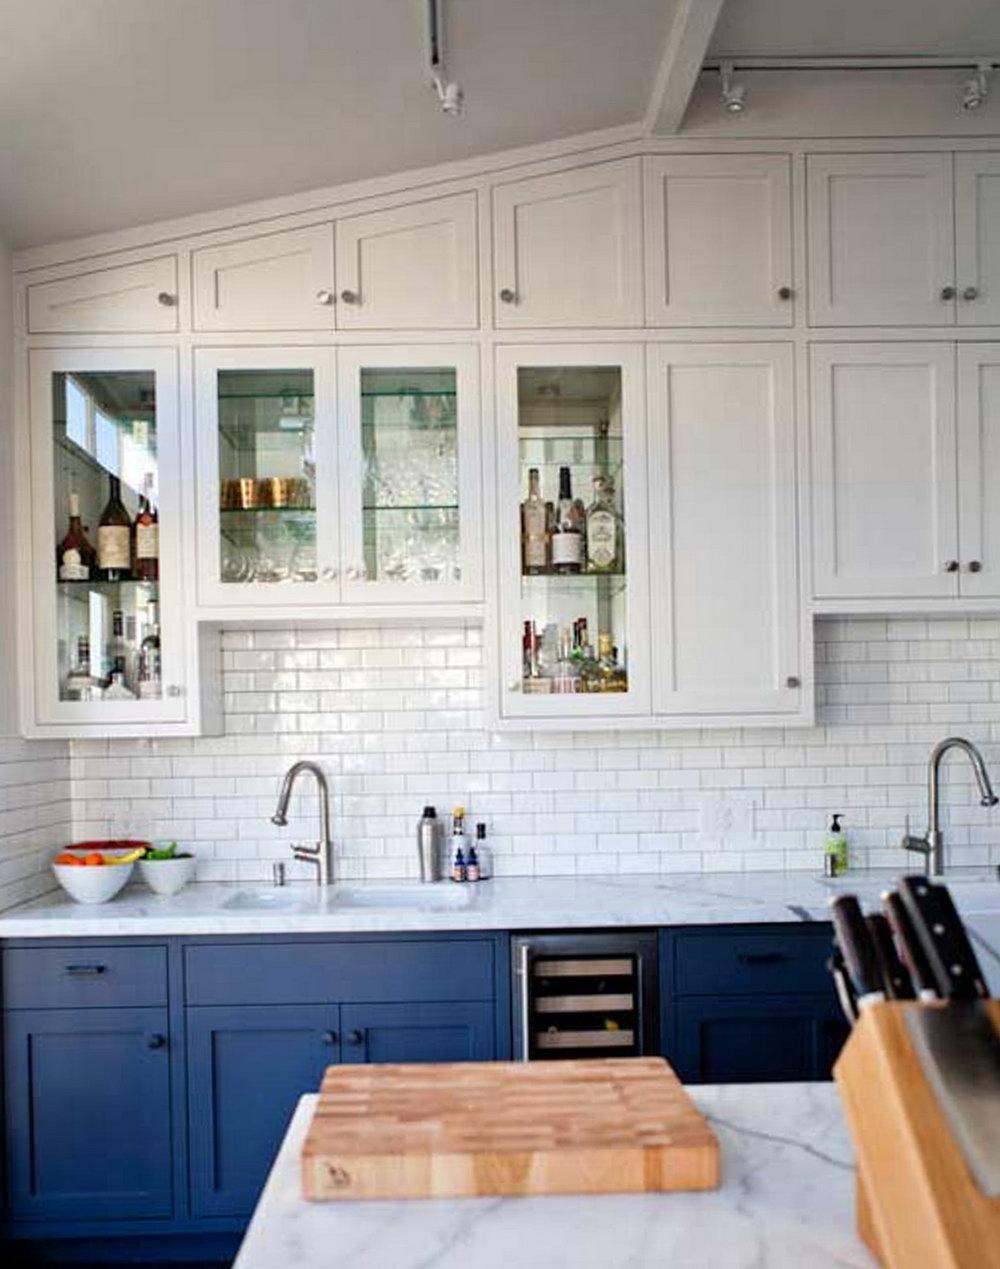 Restoration Hardware Kitchen Cabinets